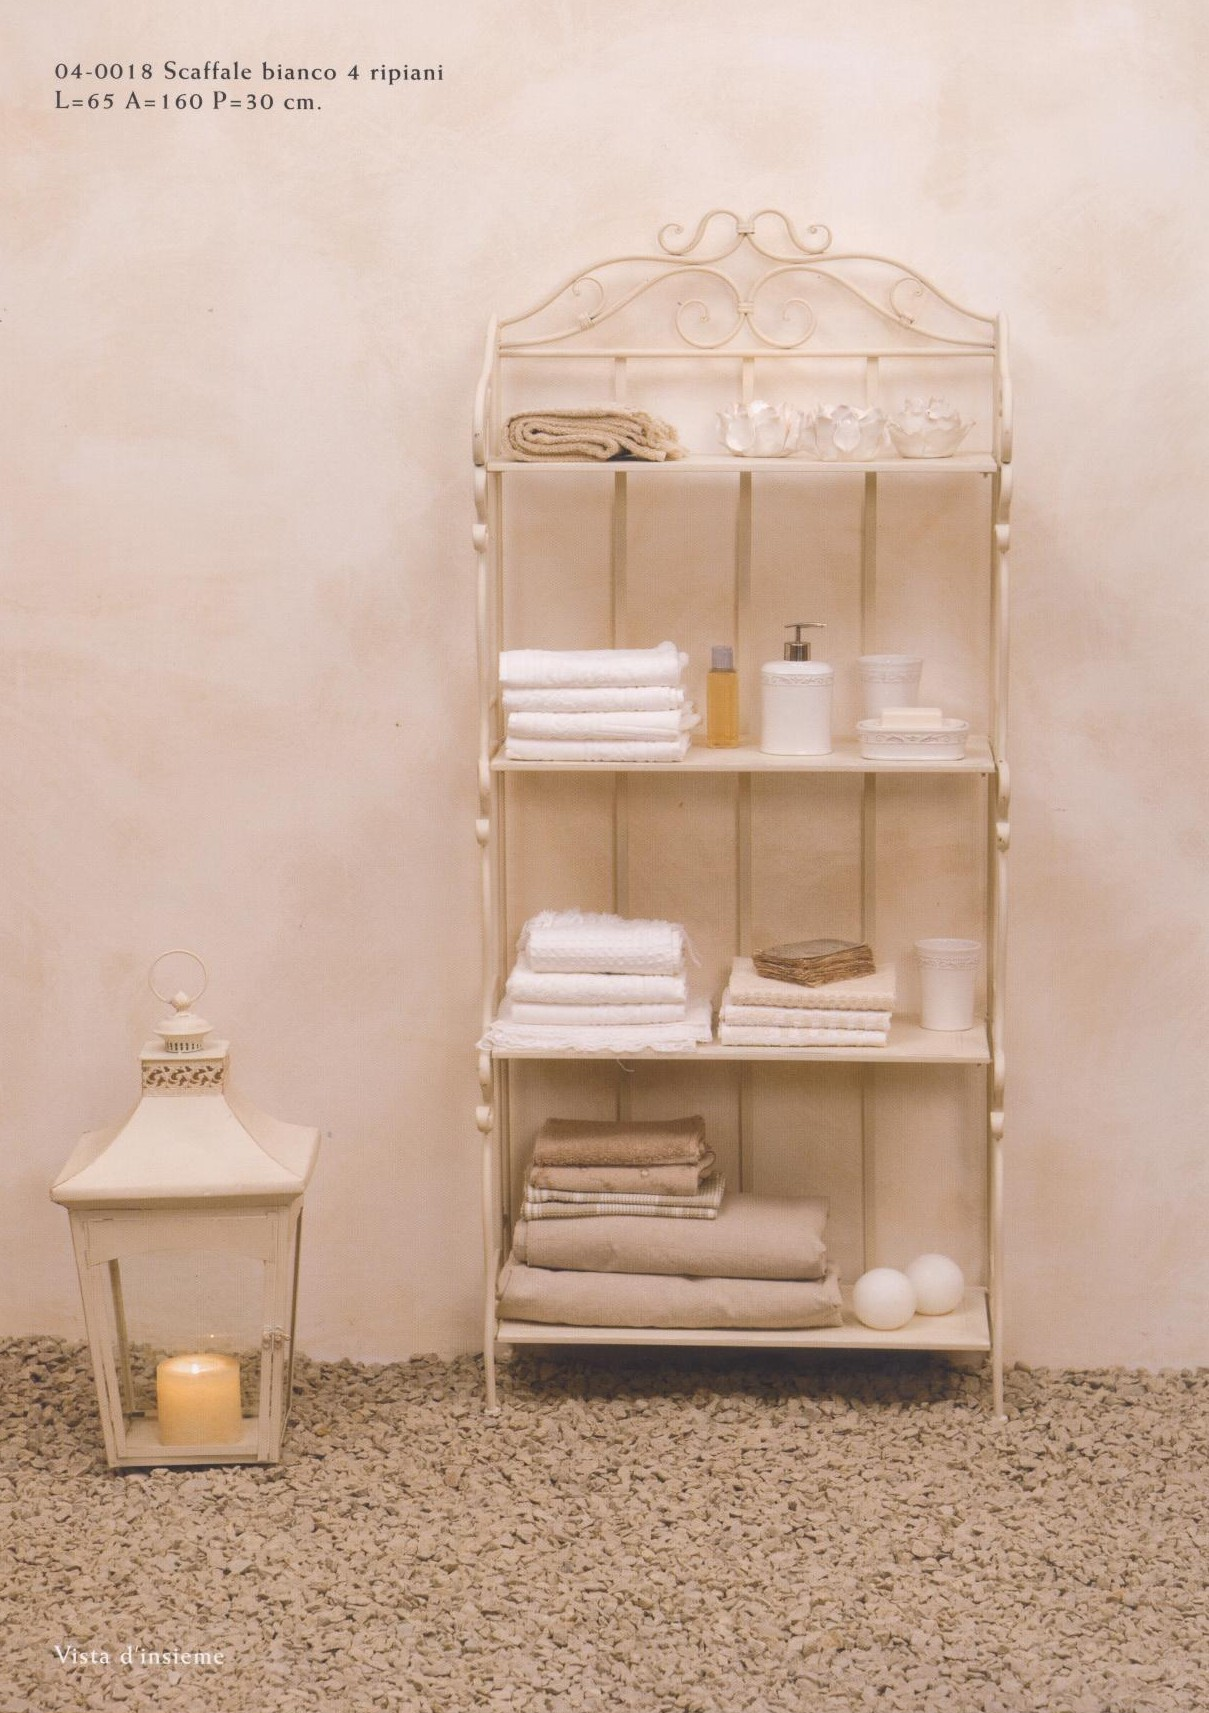 Casa immobiliare accessori scaffali per bagno - Cestini bagno ikea ...